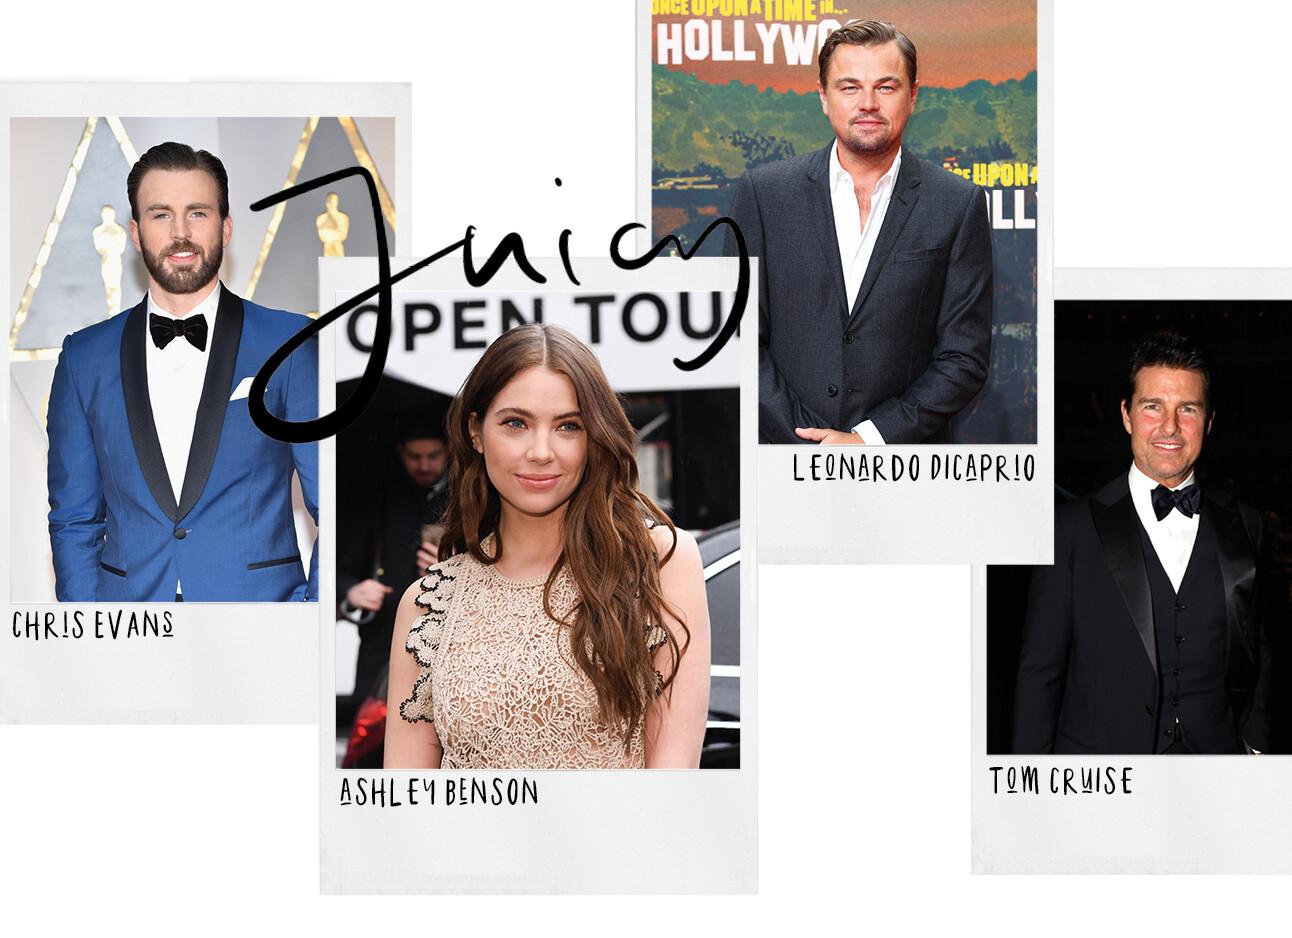 Hollywood insiders vertellen: deze geruchten zijn écht waar